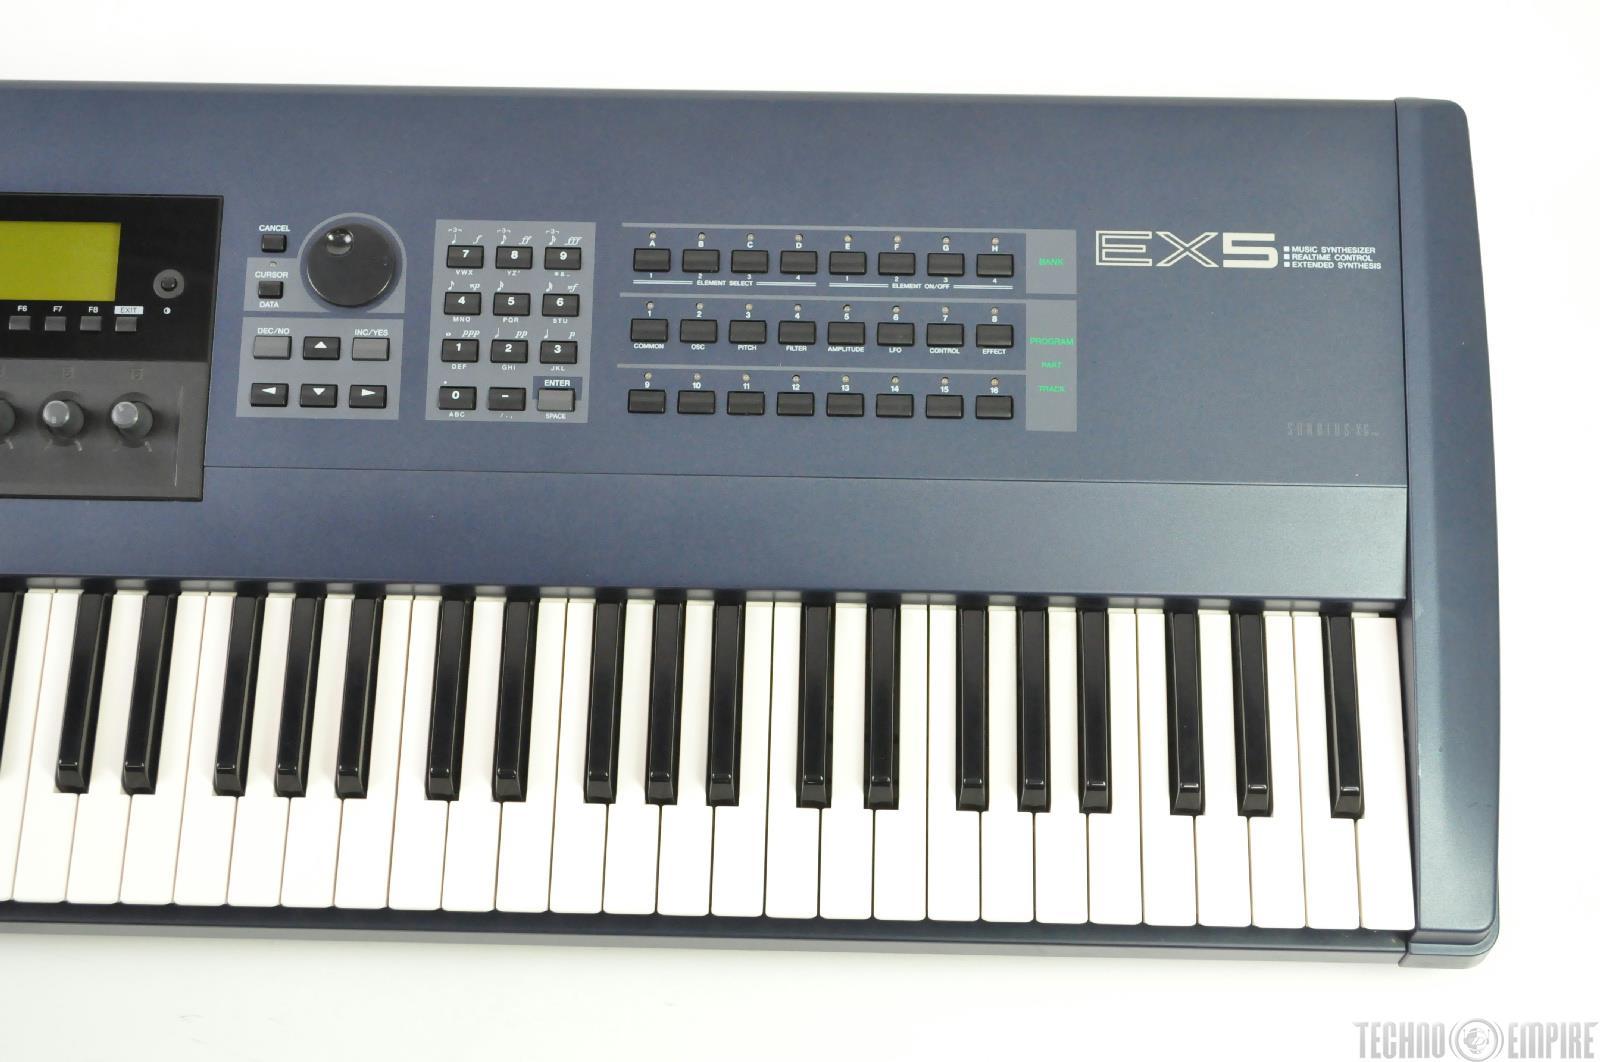 Keyboard Sampler Workstation : yamaha ex5 76 key music workstation synth sampler synthesizer keyboard 17746 ~ Hamham.info Haus und Dekorationen